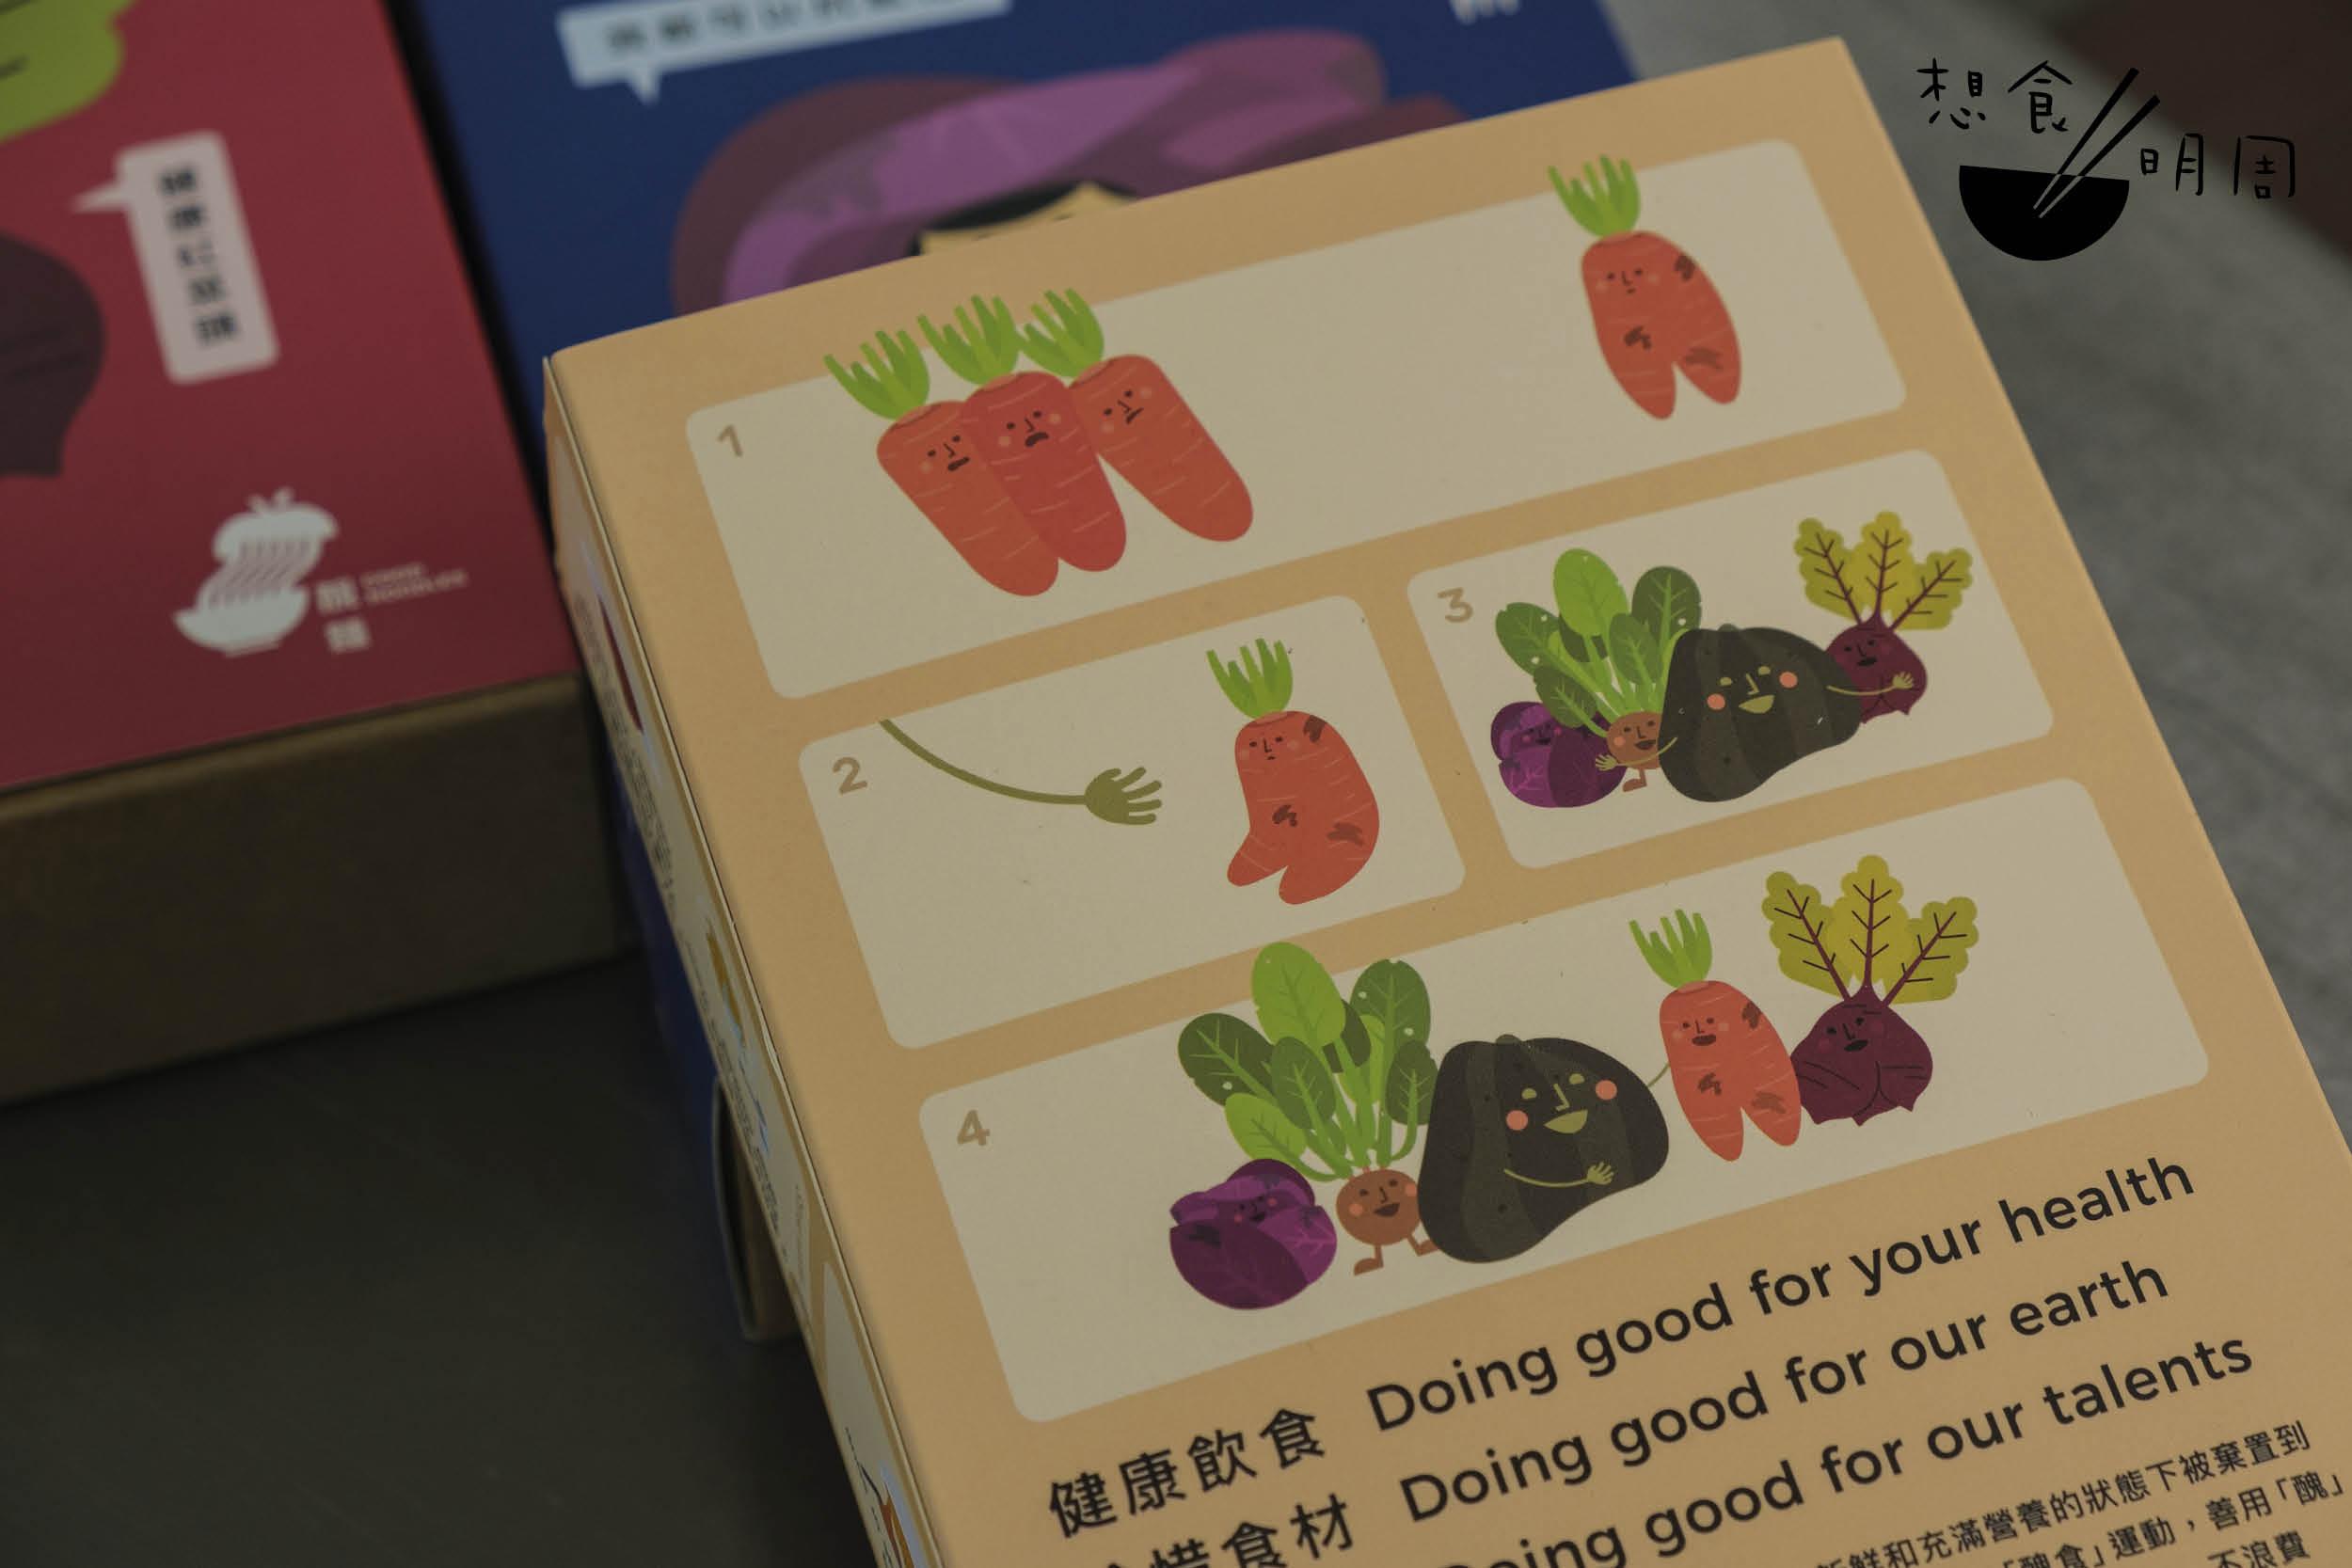 麵條的包裝盒上附有幾格漫畫,帶出「歪果」也是可塑之才。